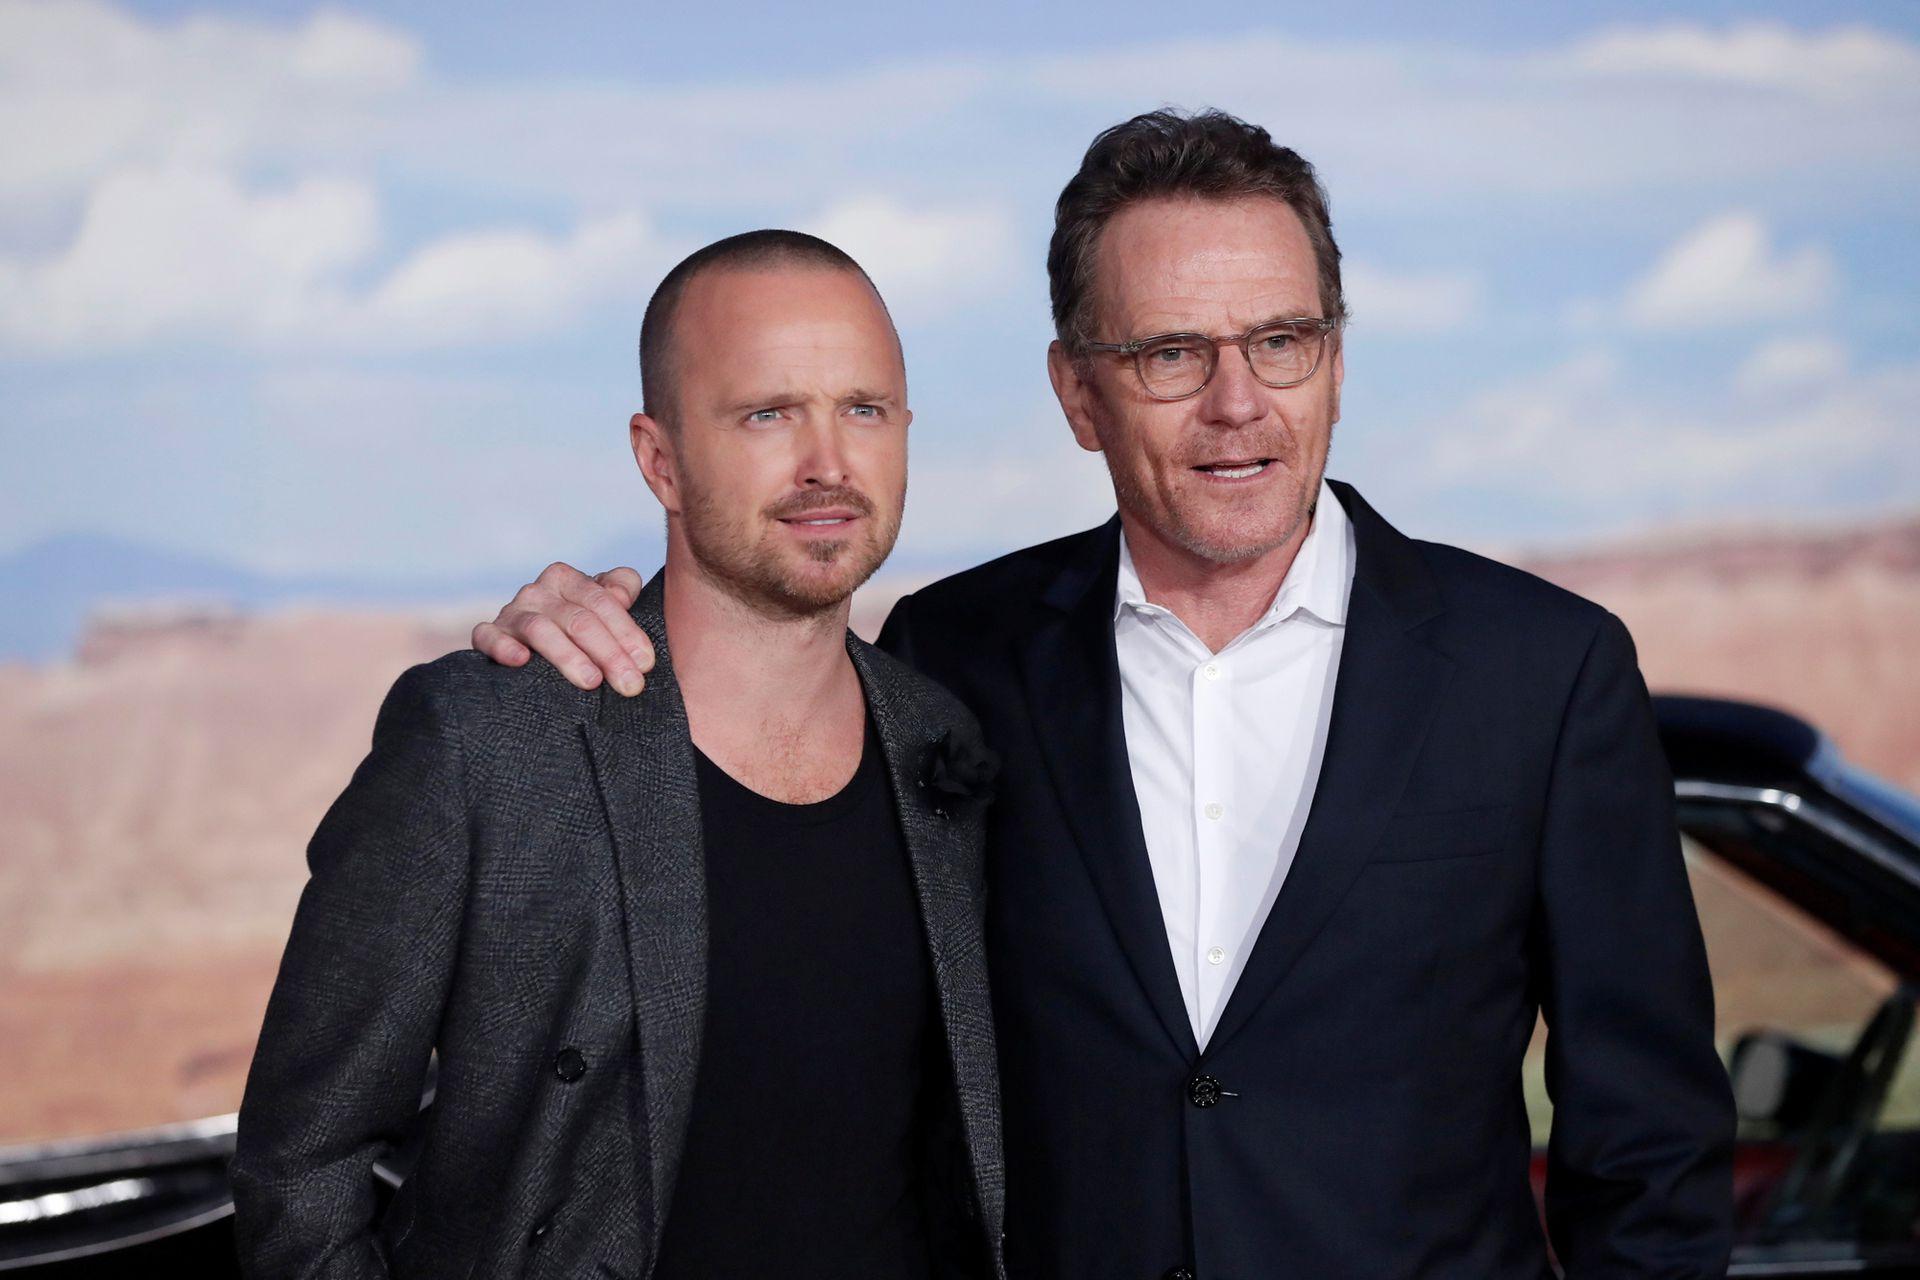 El tan esperado reencuentro: Aaron Paul y Bryan Cranston posaron para las cámaras en el estreno del film que le da continuidad a la exitosa serie Breaking Bad